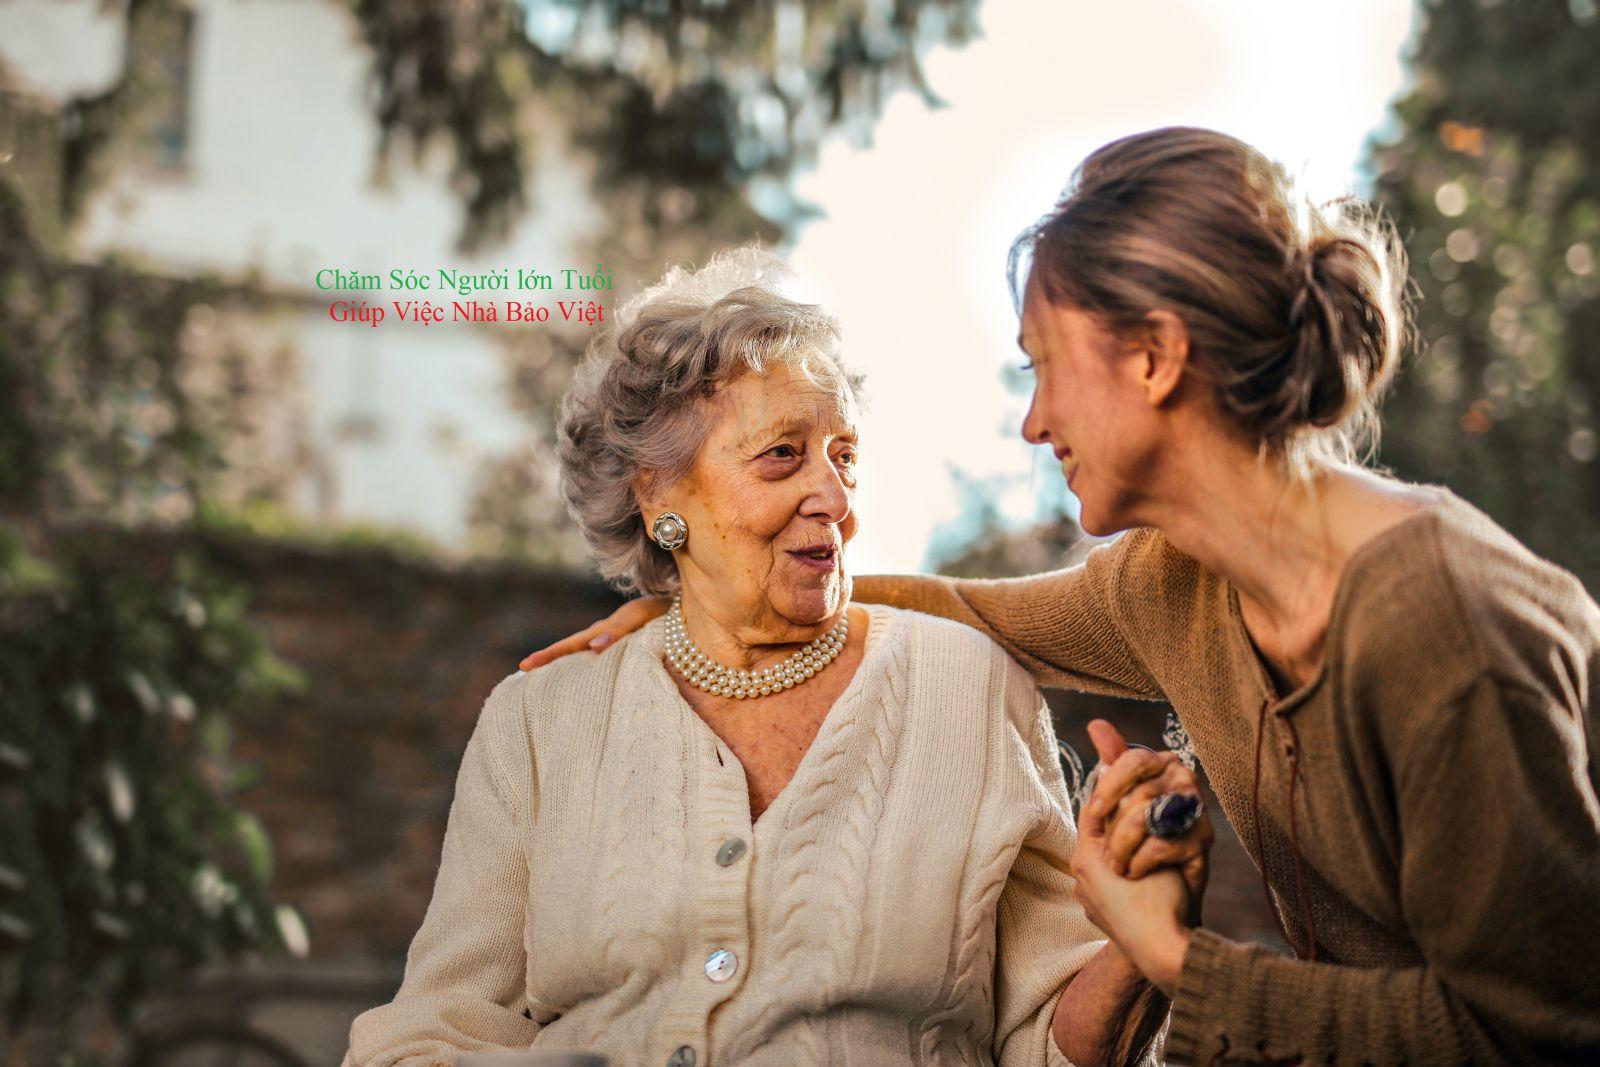 trung tâm chăm sóc người già tại TPHCM